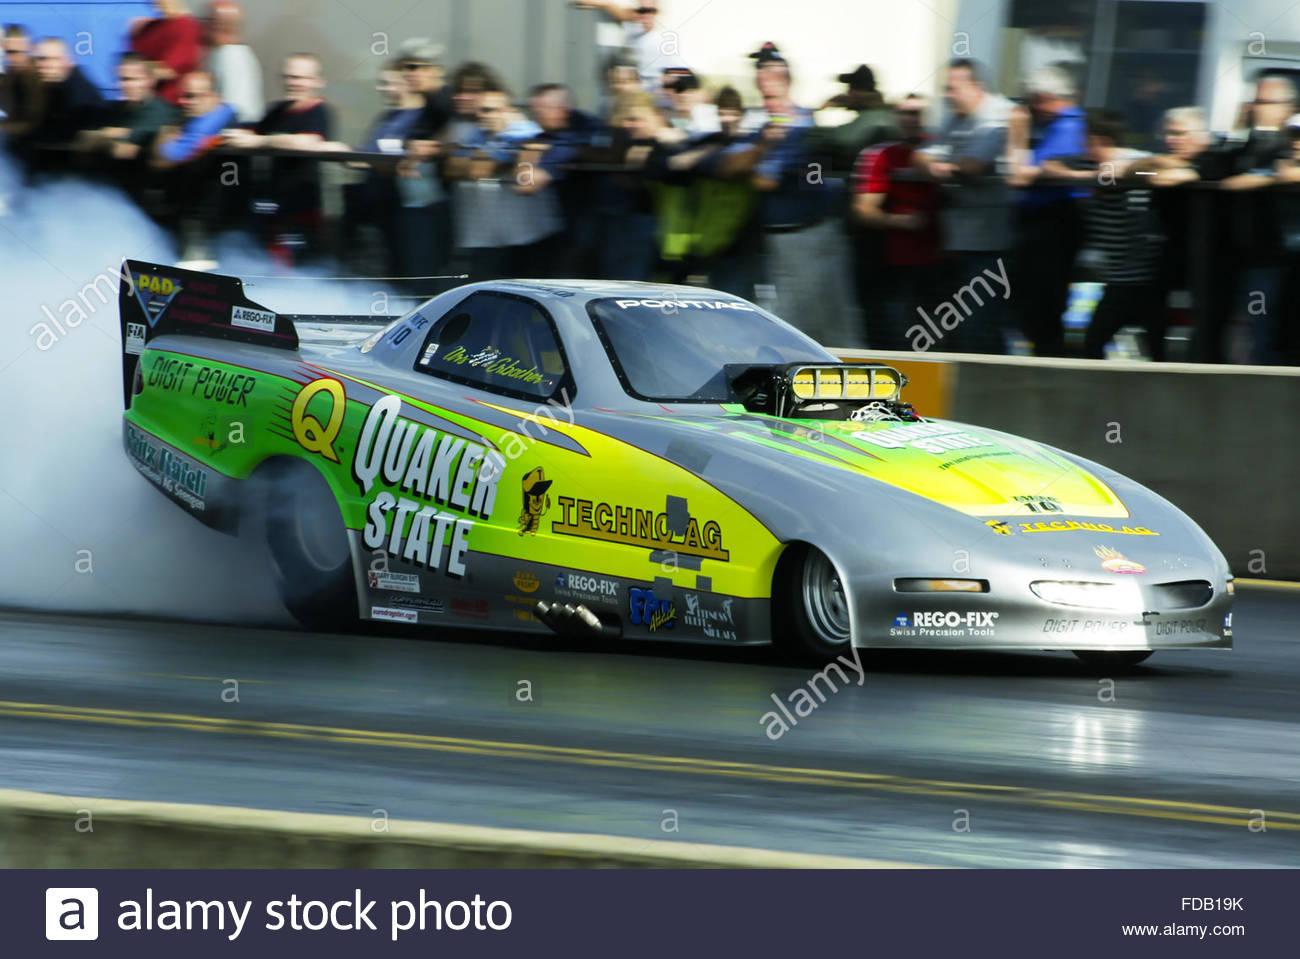 Drag racing at Santa pod in the UK . Funny car warming its tyres ...